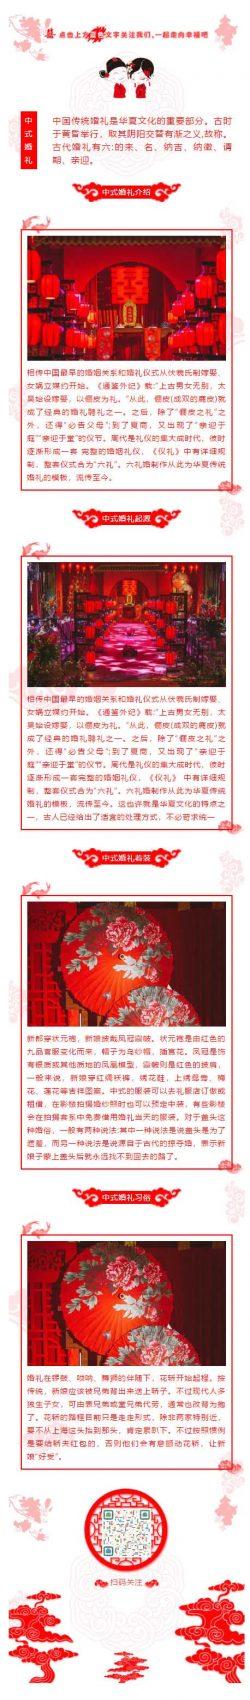 婚姻礼仪传统婚礼中式婚礼红色风格微信推文模板